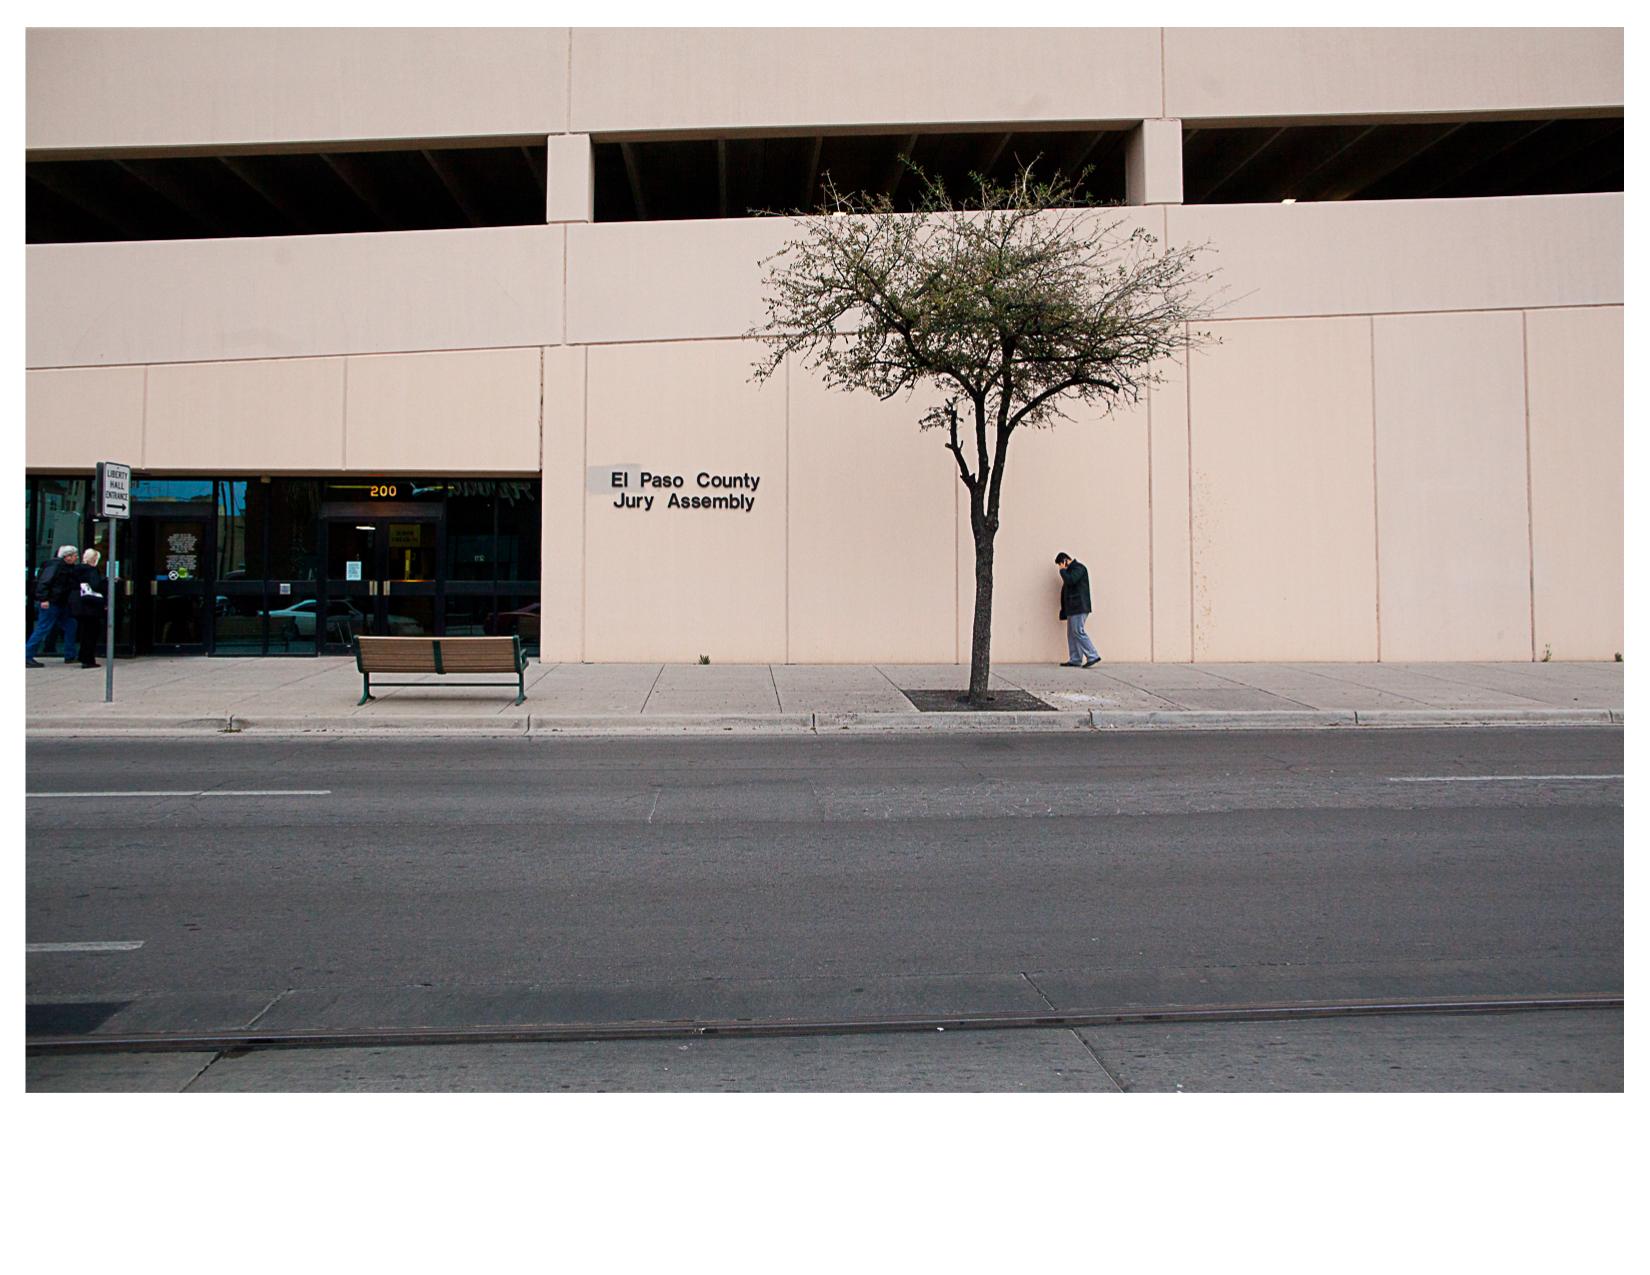 El Paso County Jury Assembly, El Paso, TX